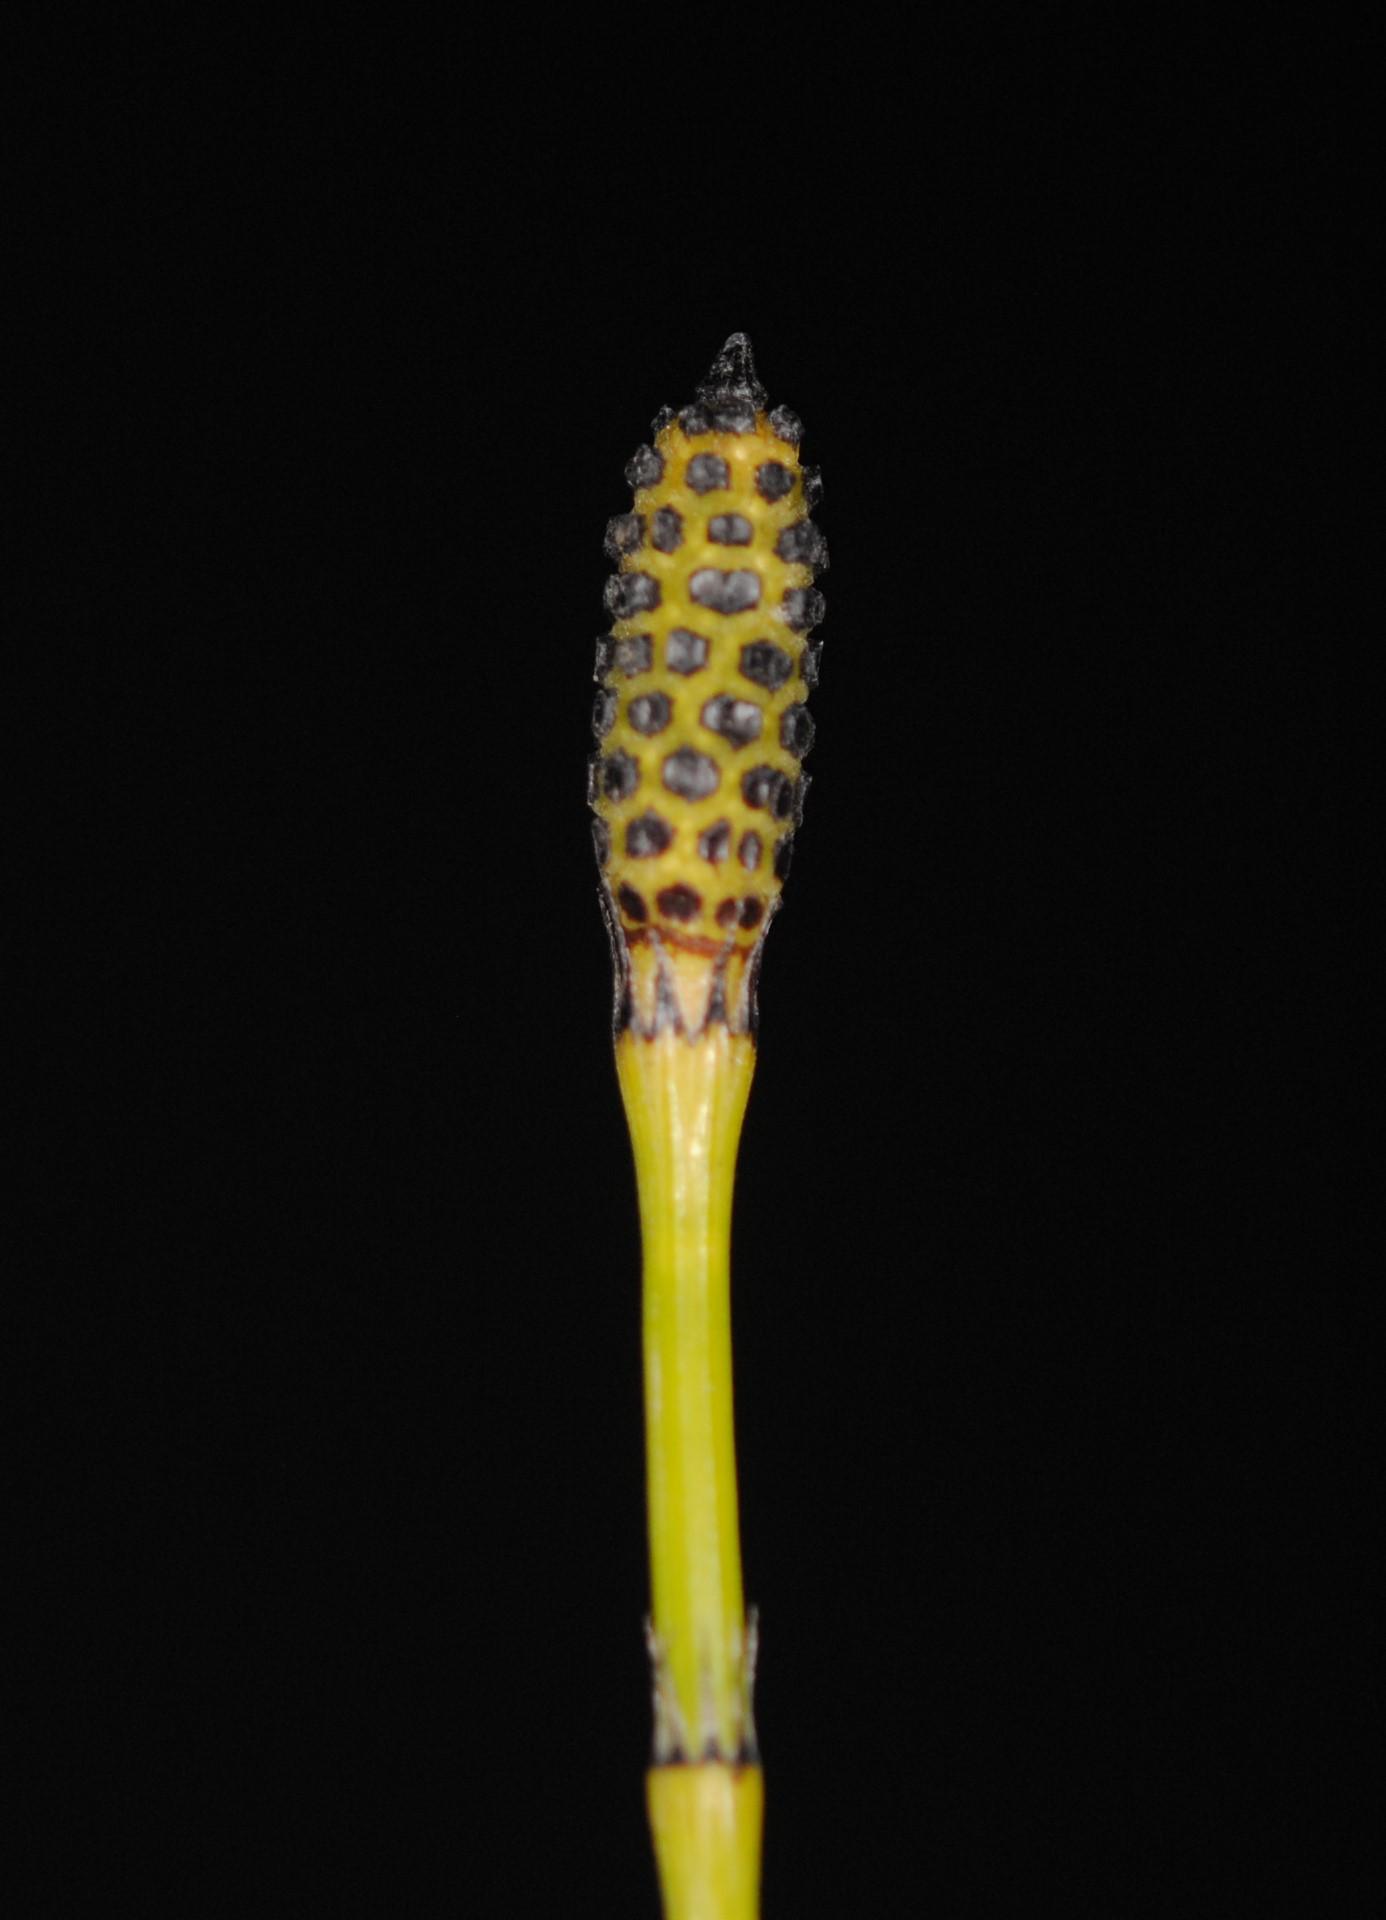 Equisetum ramosissimum var. debile